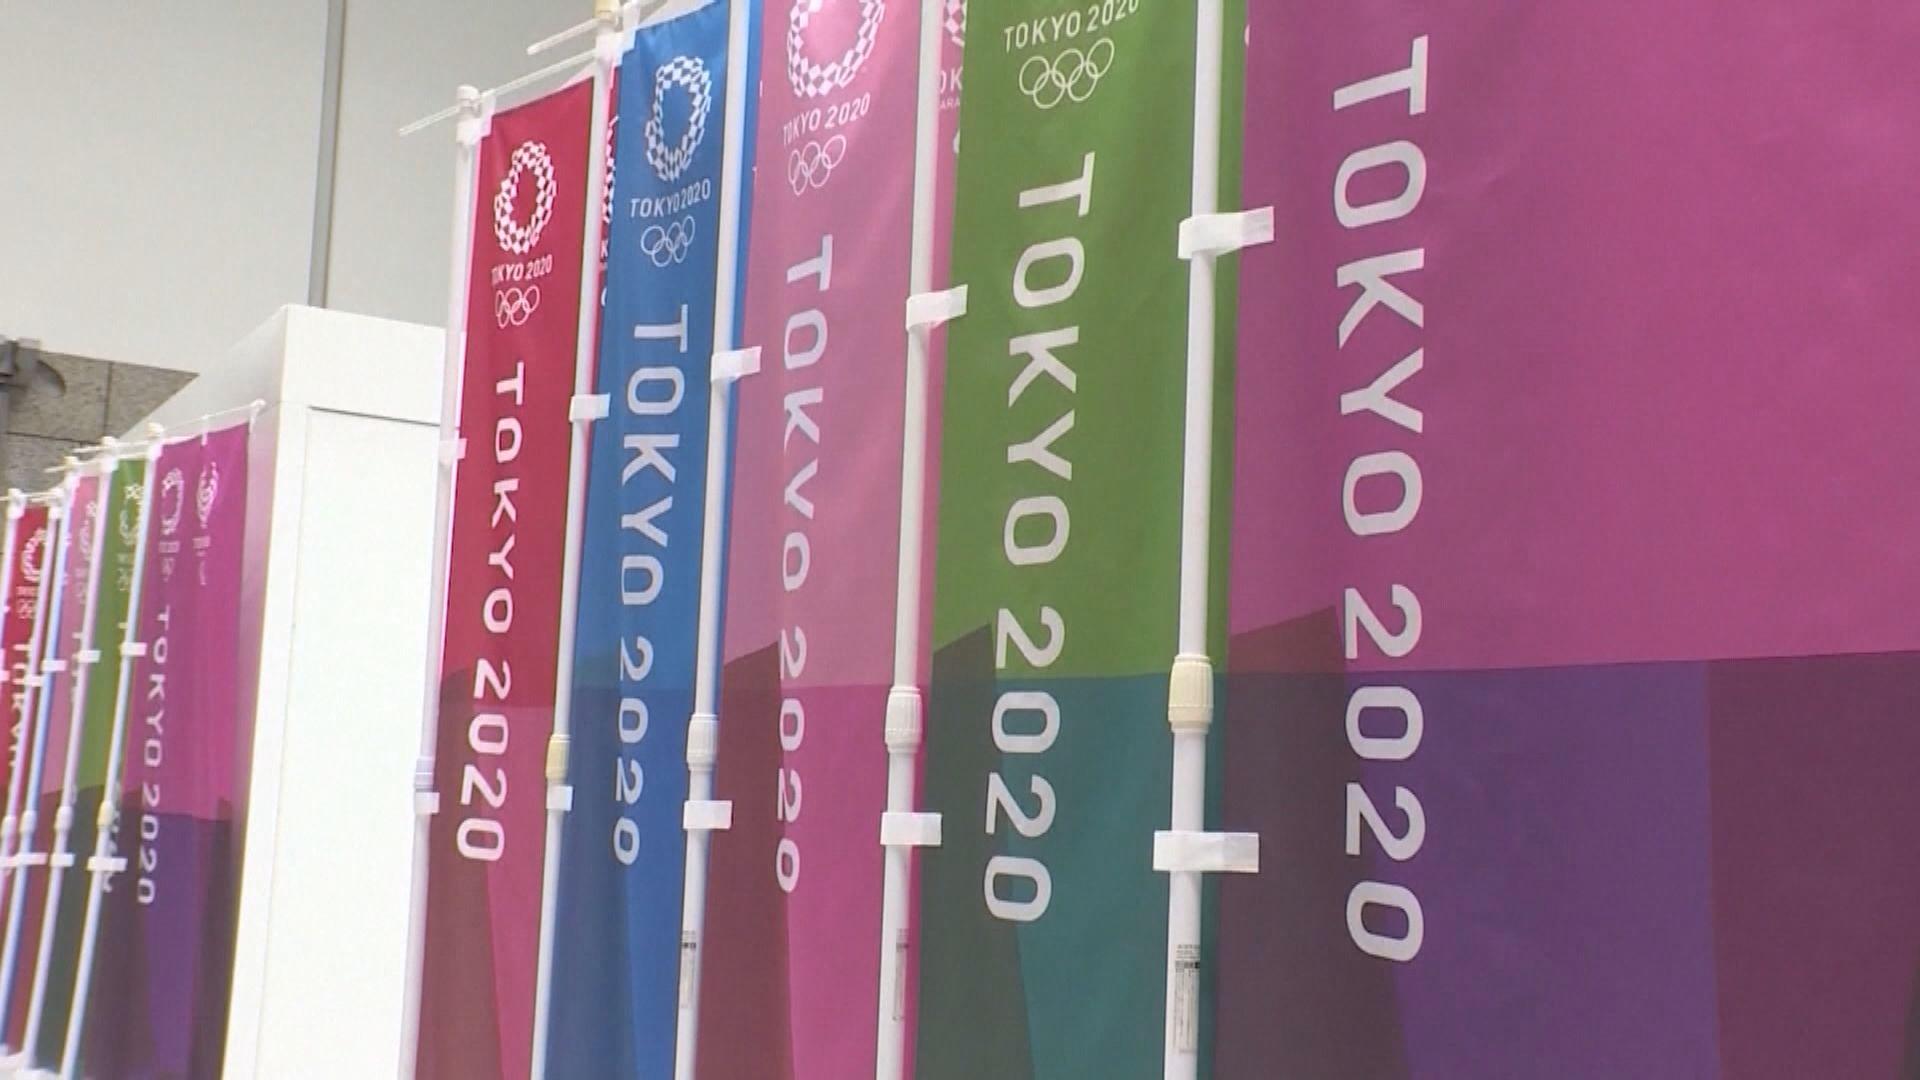 東奧下月揭幕 宮內廳:日皇憂舉行奧運致疫情擴大